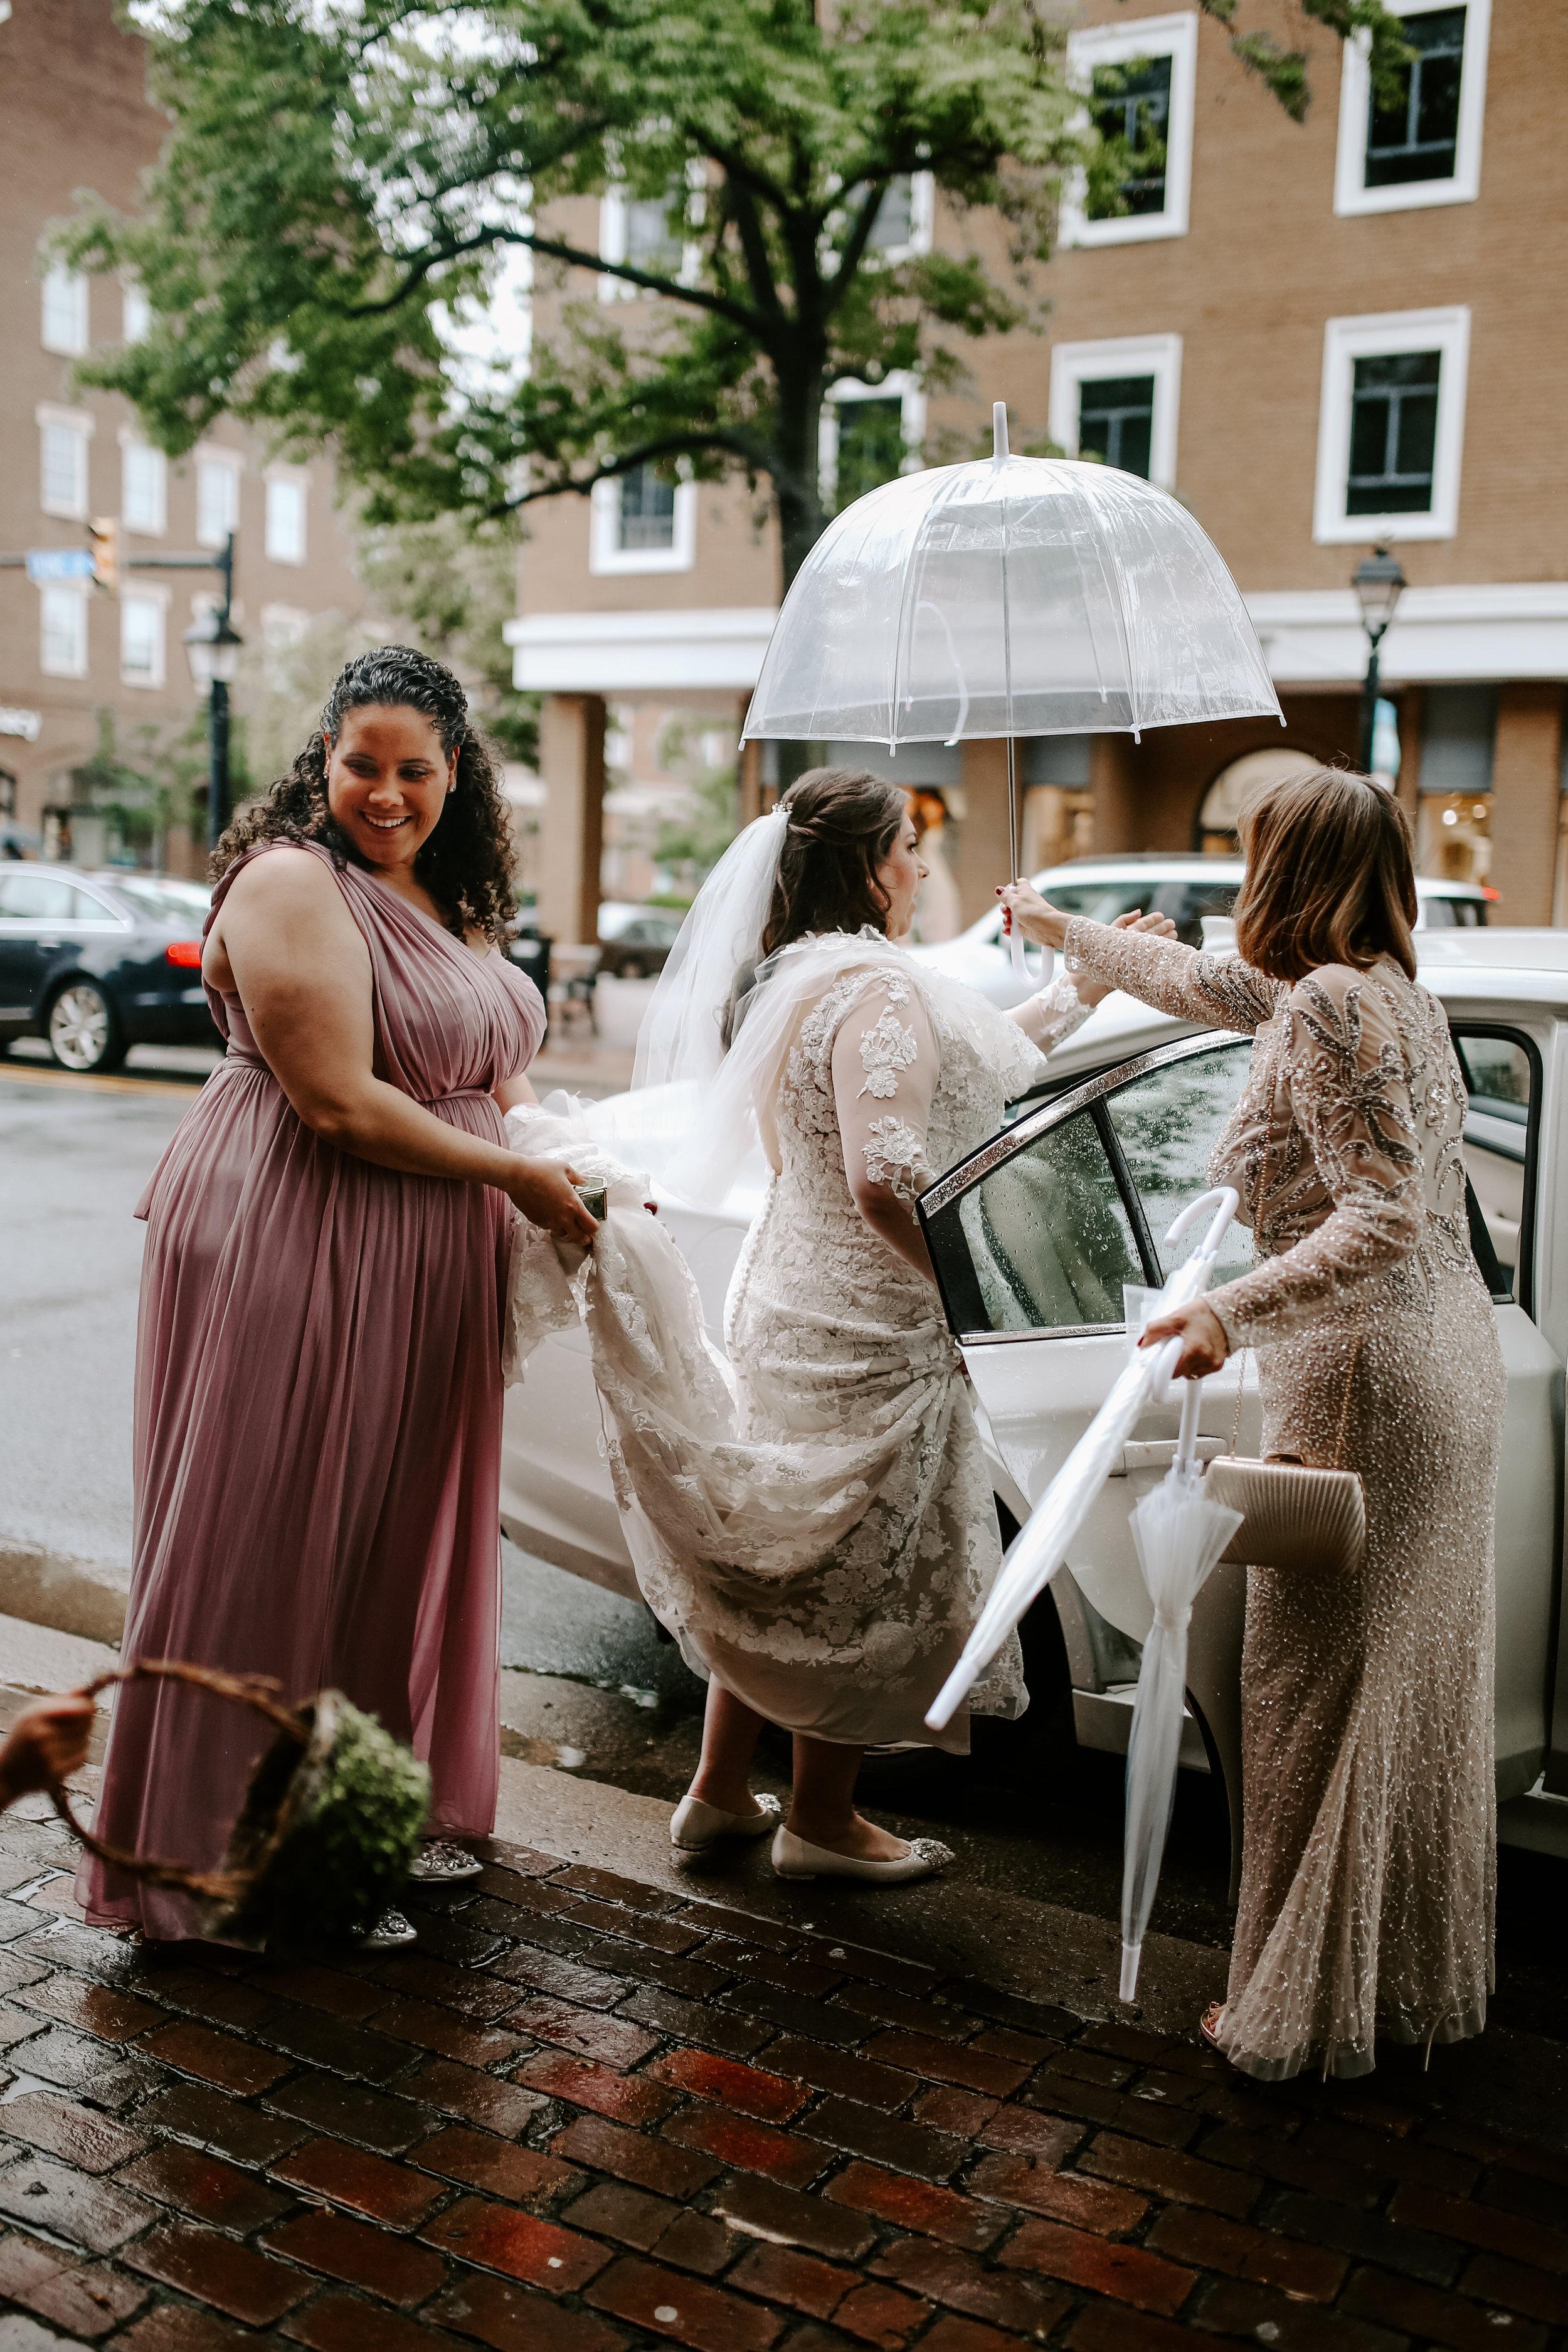 PilarHector_Married_2019-35.jpg